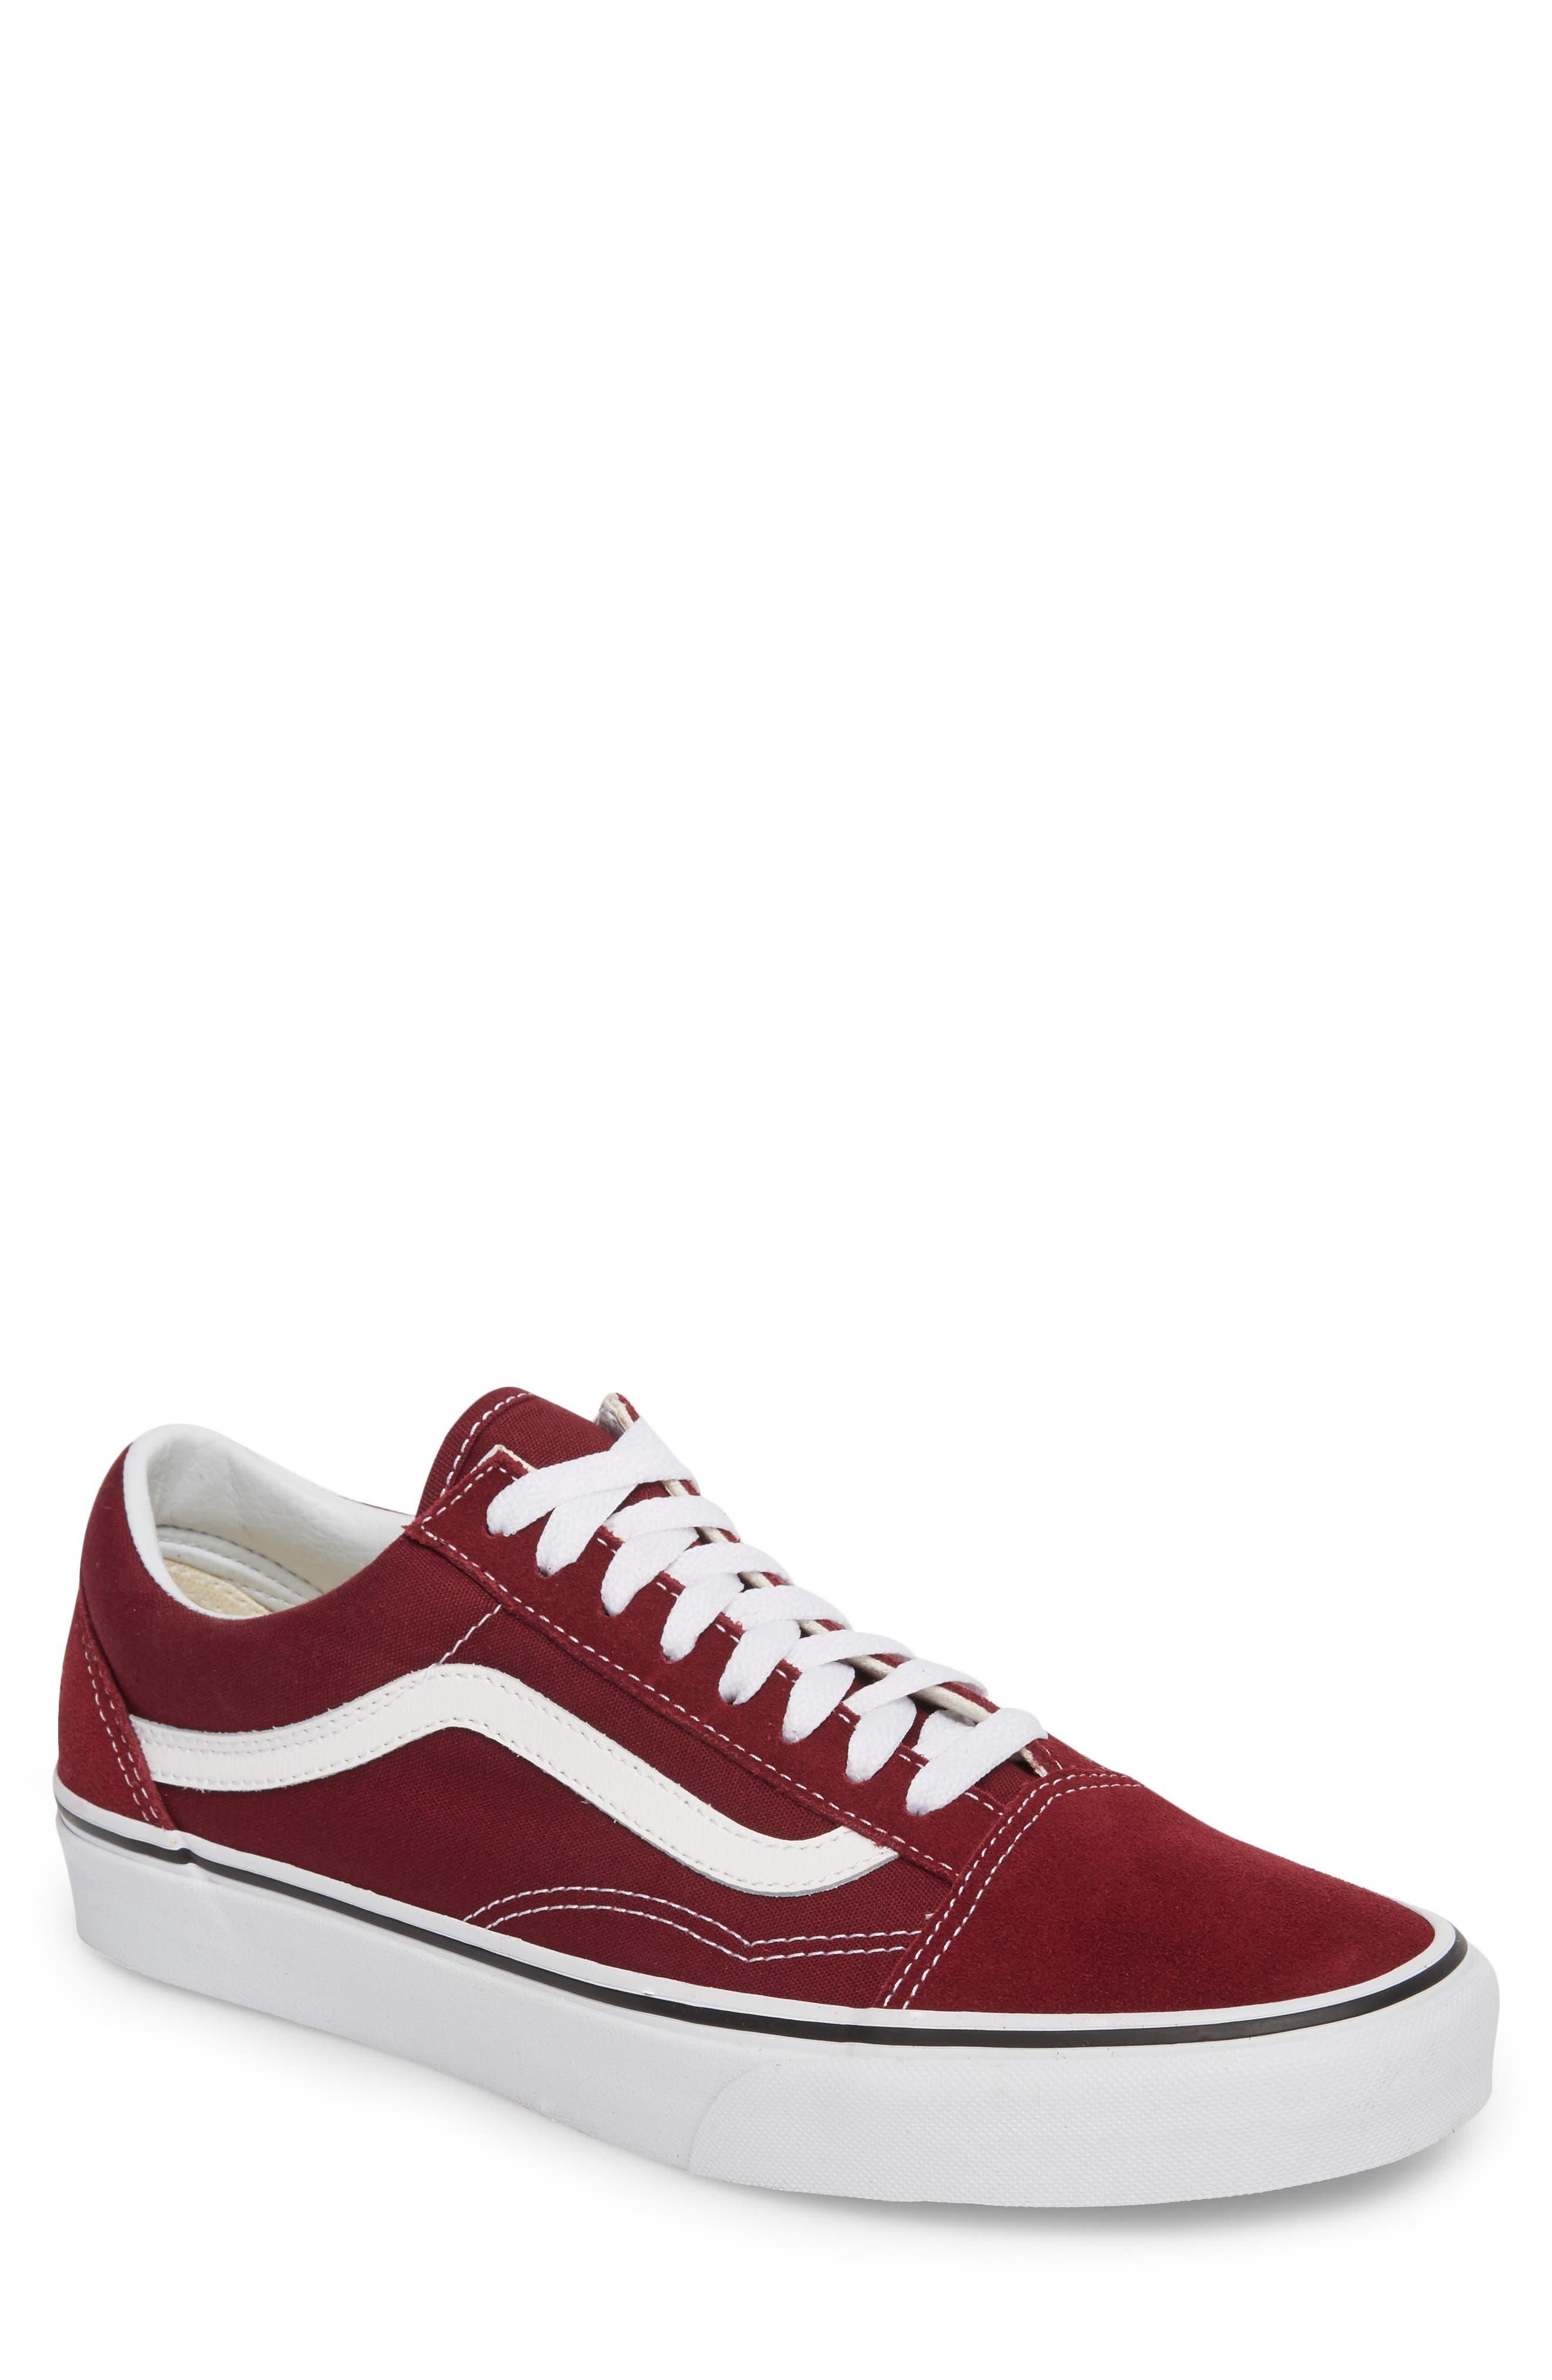 Main Image - Vans 'Old Skool' Sneaker (Men)